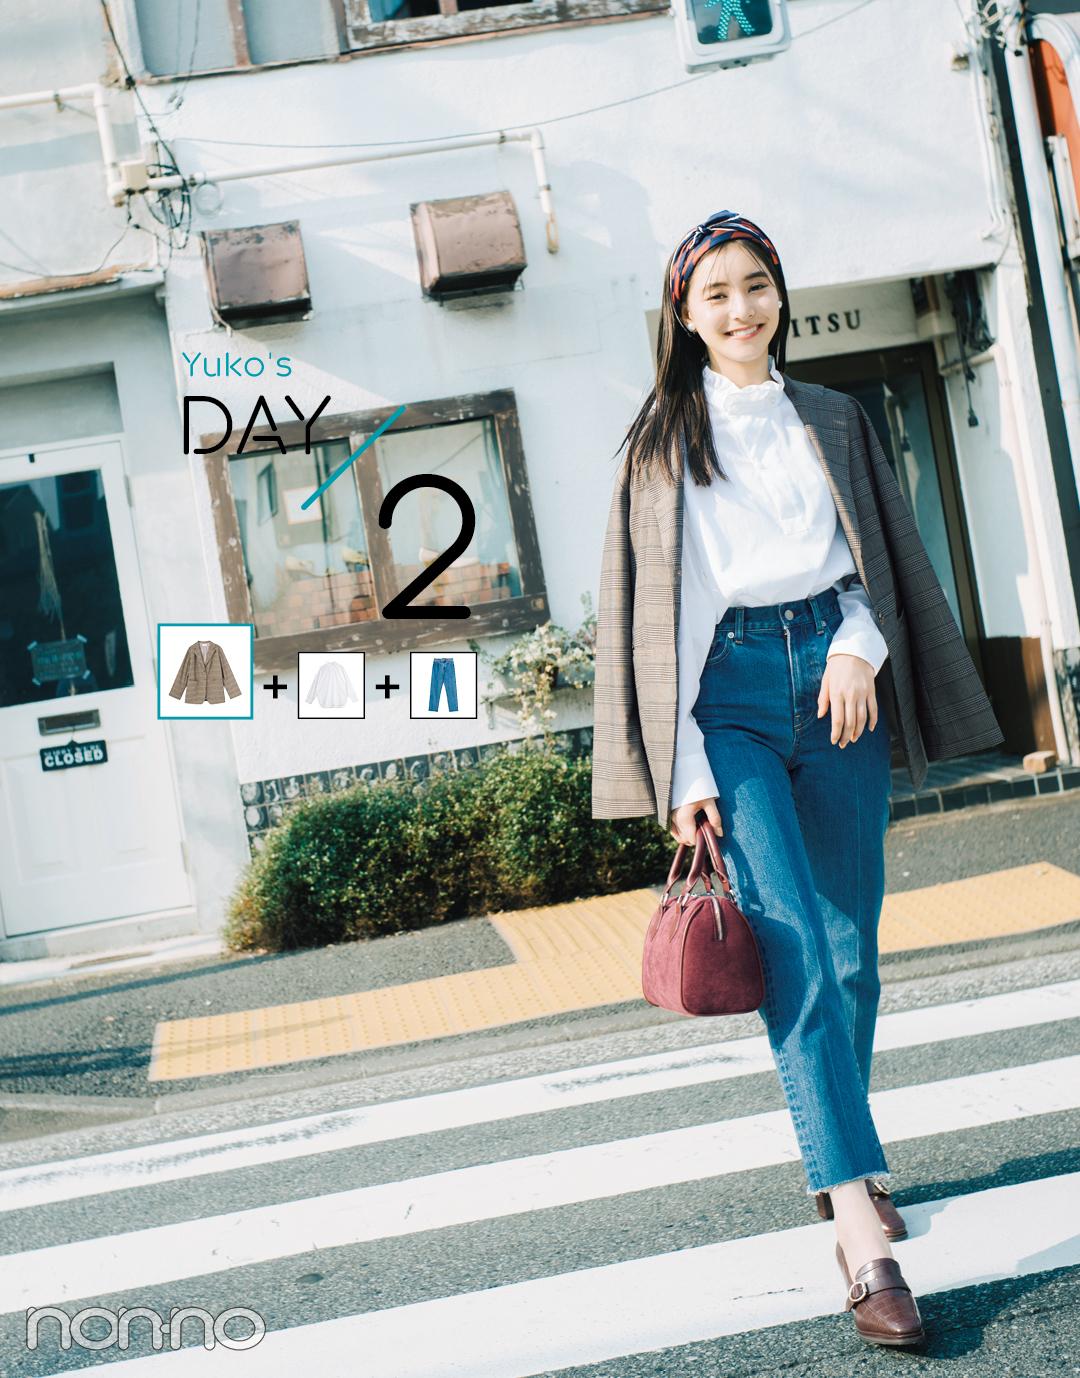 Yuko's DAY2